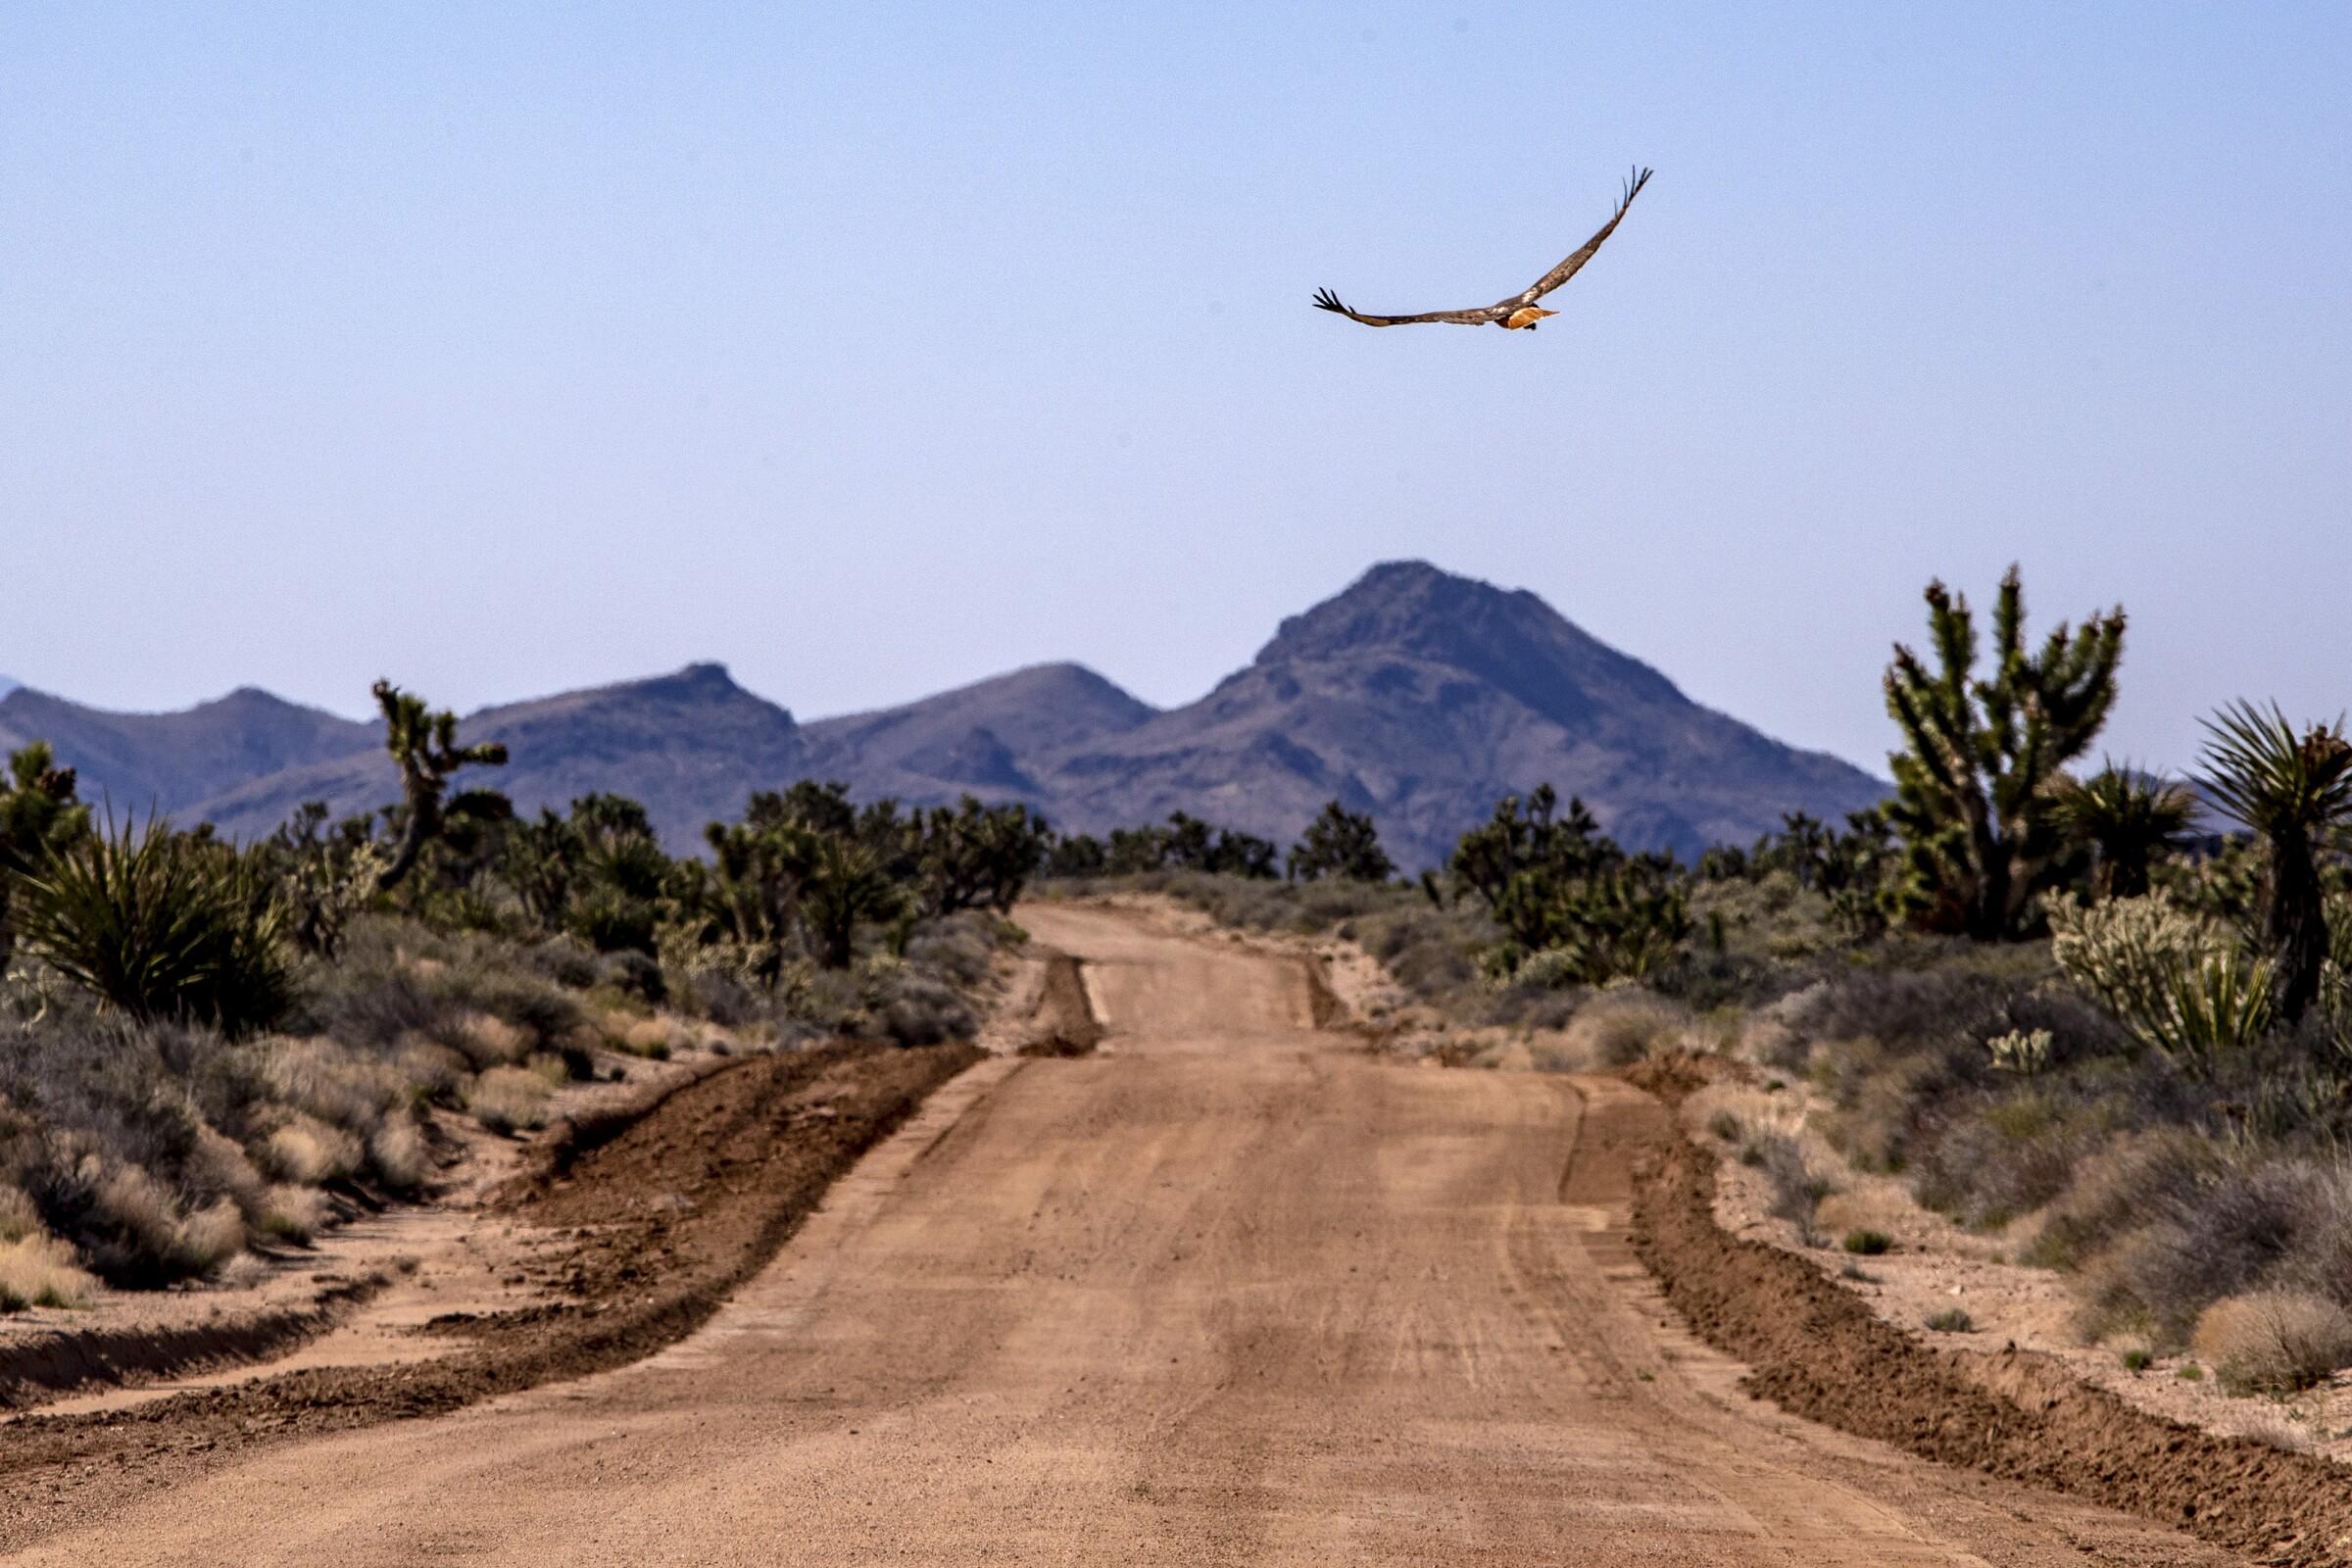 Un halcón de cola roja vuela sobre la histórica carretera Mojave Road en la Reserva Nacional Mojave en California.